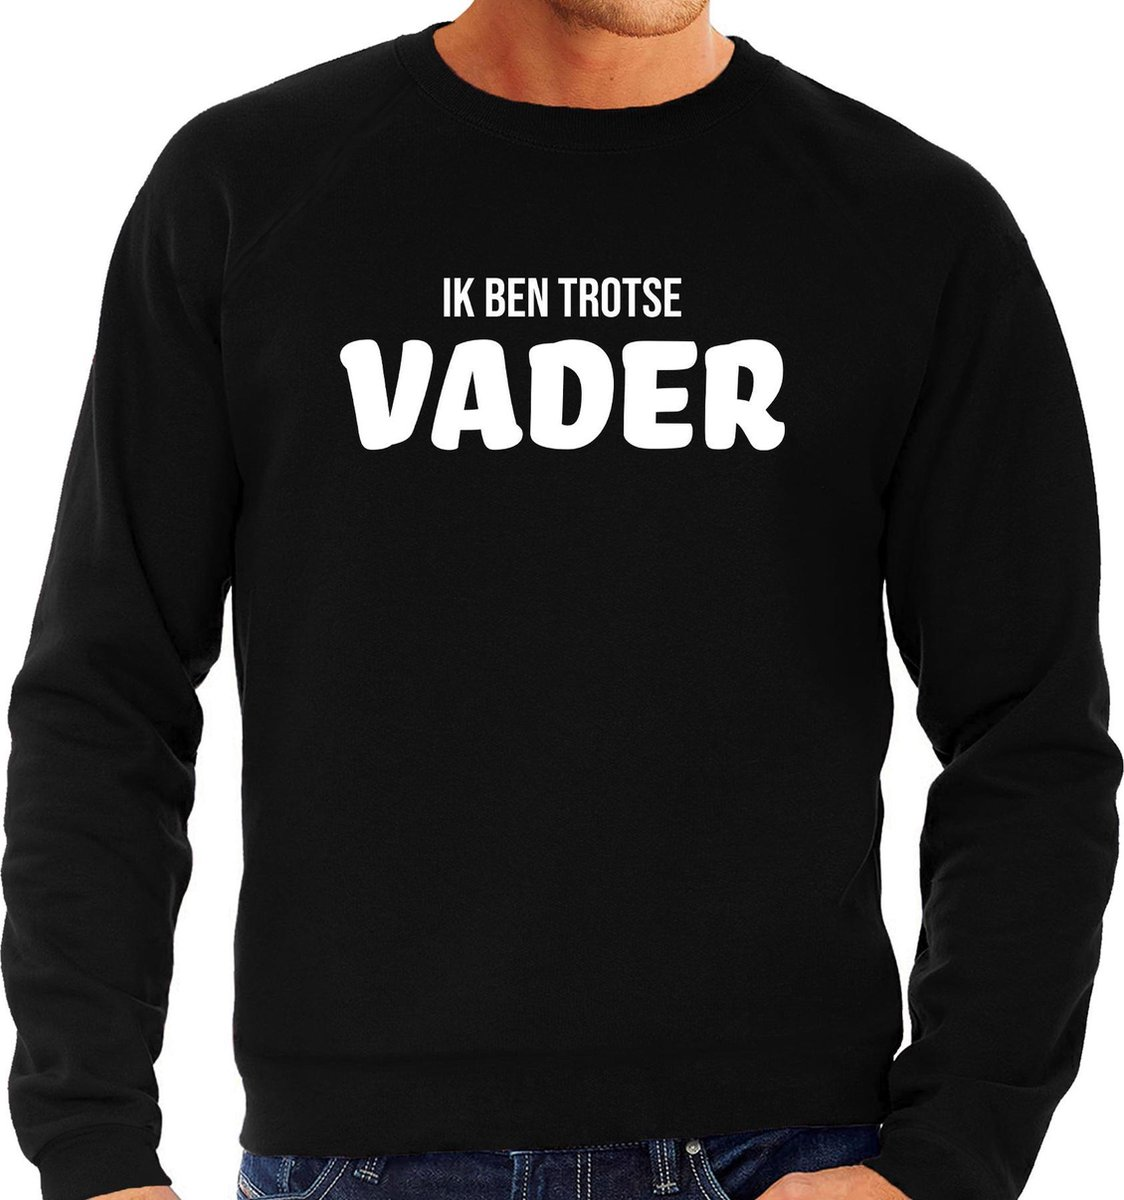 Ik ben trotse vader - sweater zwart voor heren - papa kado trui / vaderdag cadeau M